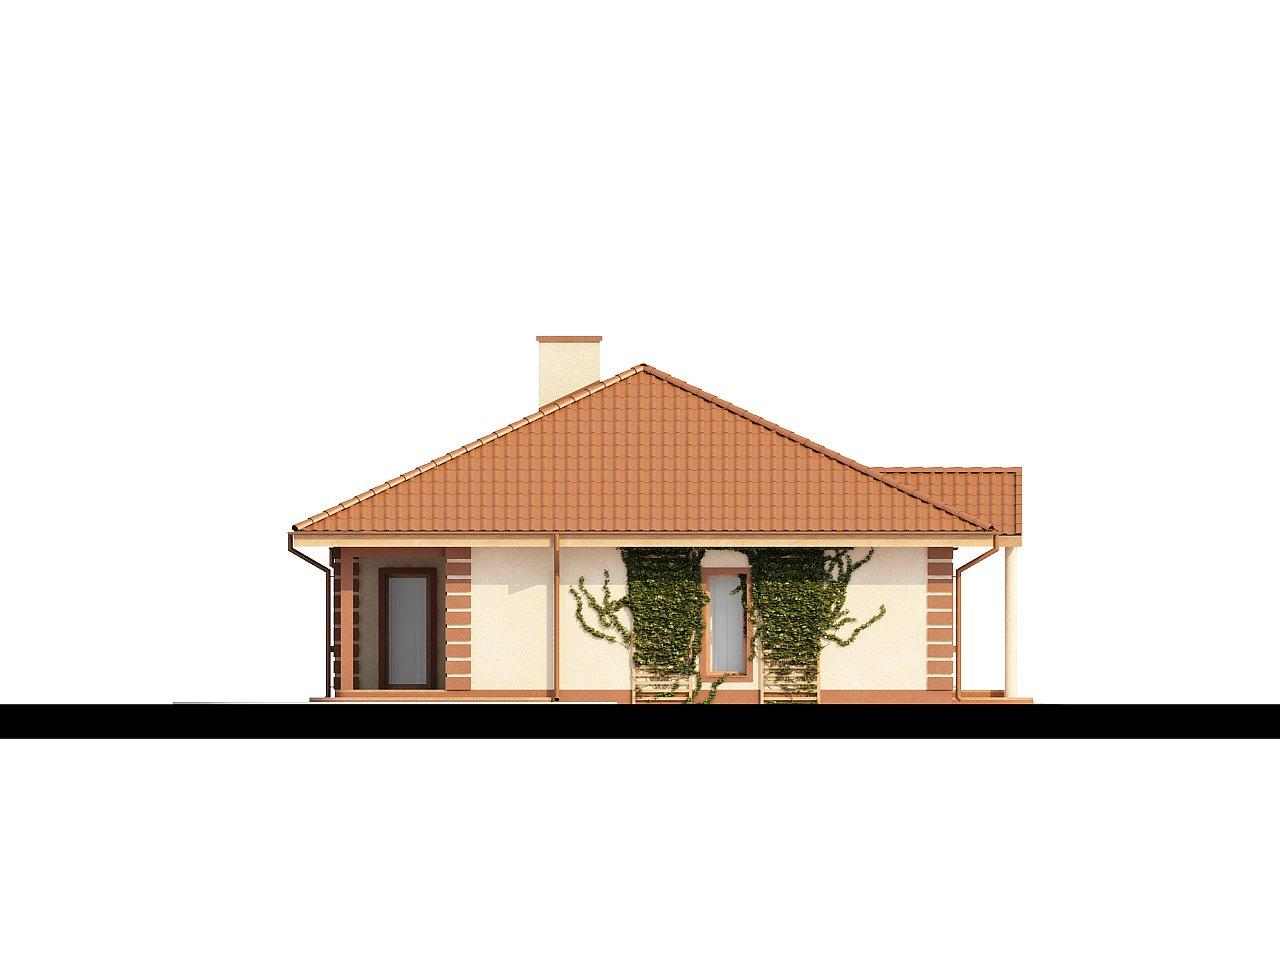 Стильный традиционный одноэтажный дом с гаражом для двух машин. 6